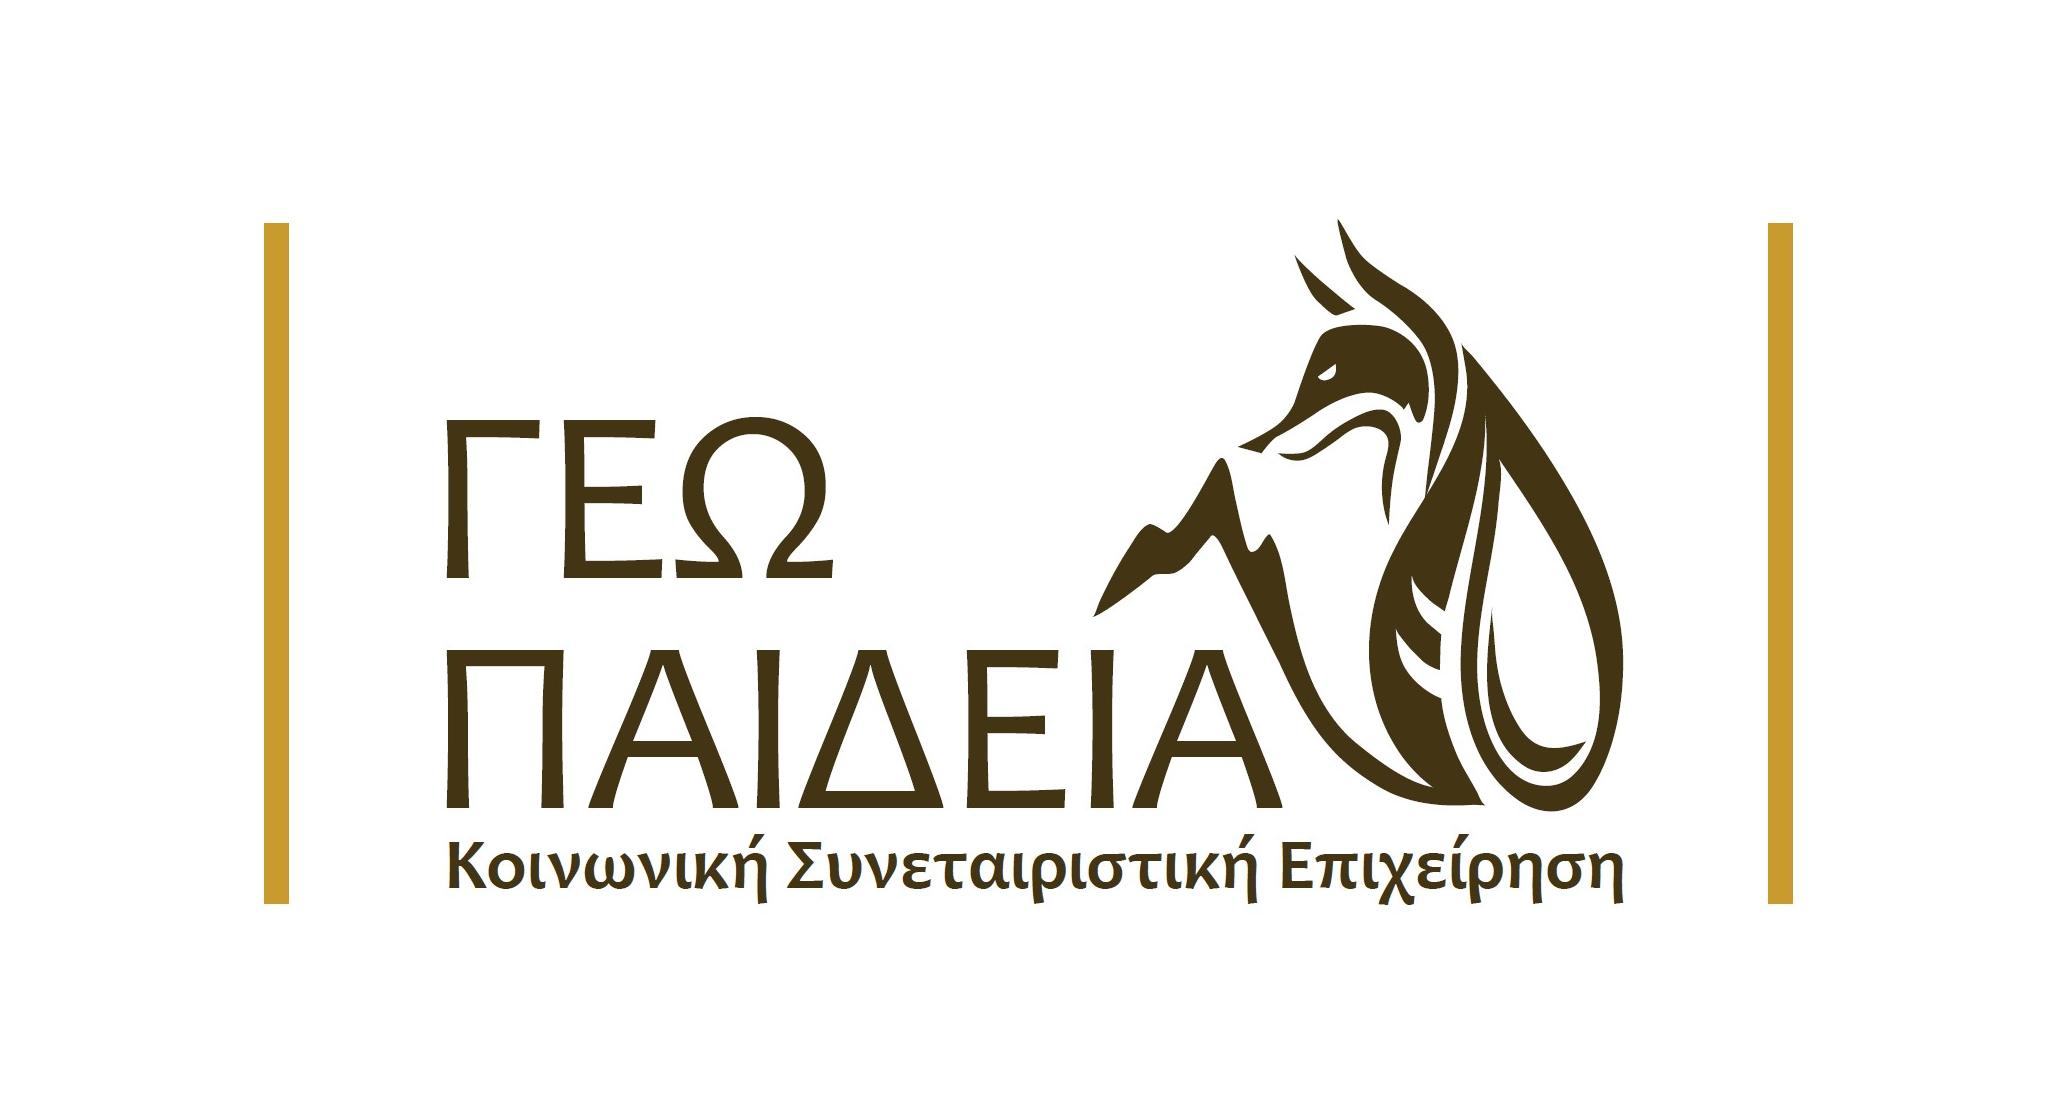 Γεωπαιδεία ΚοινΣΕπ